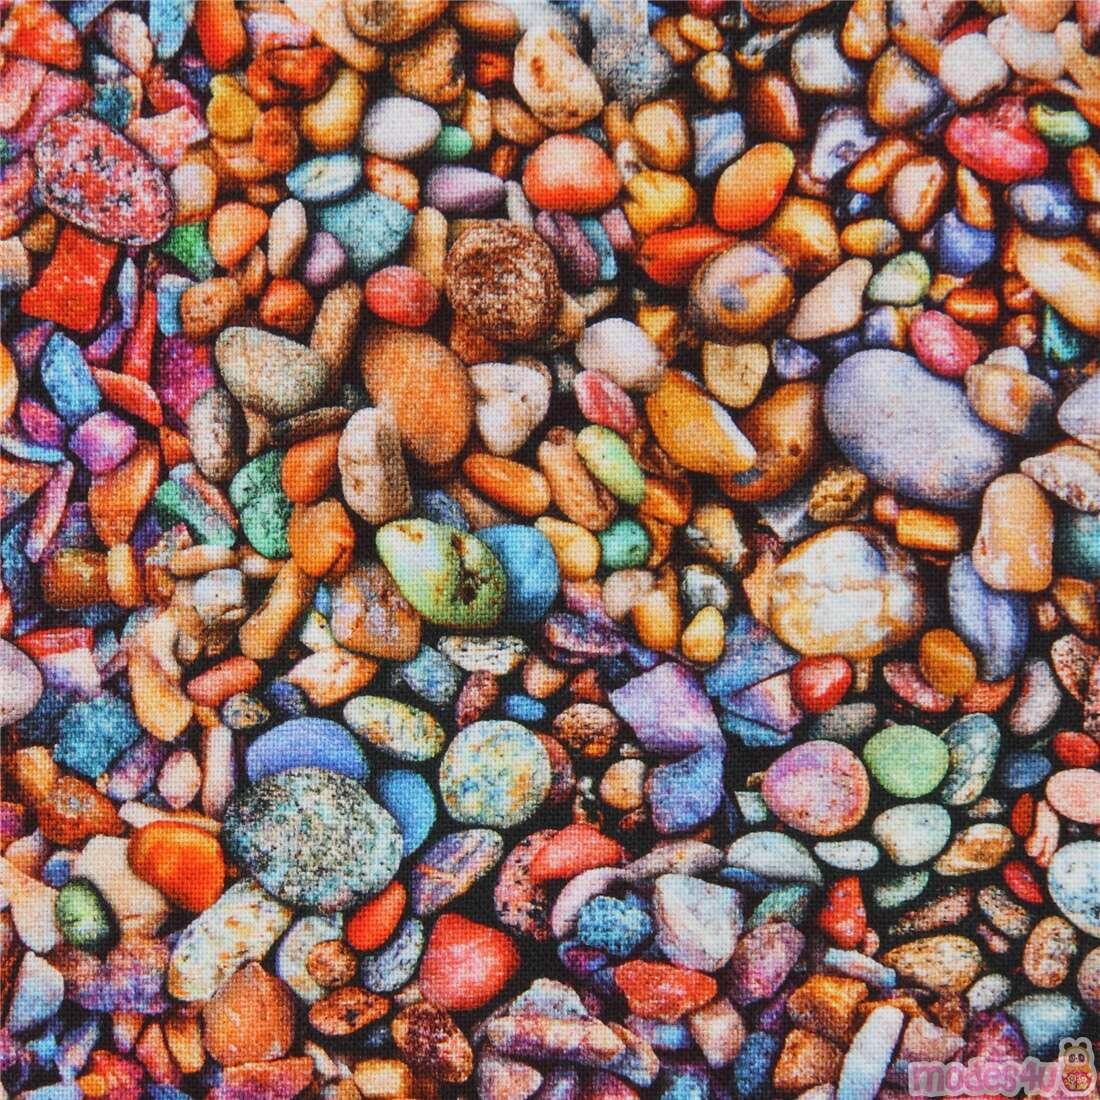 Robert Kaufman Small Colorful Pebble Fabric Modes4u